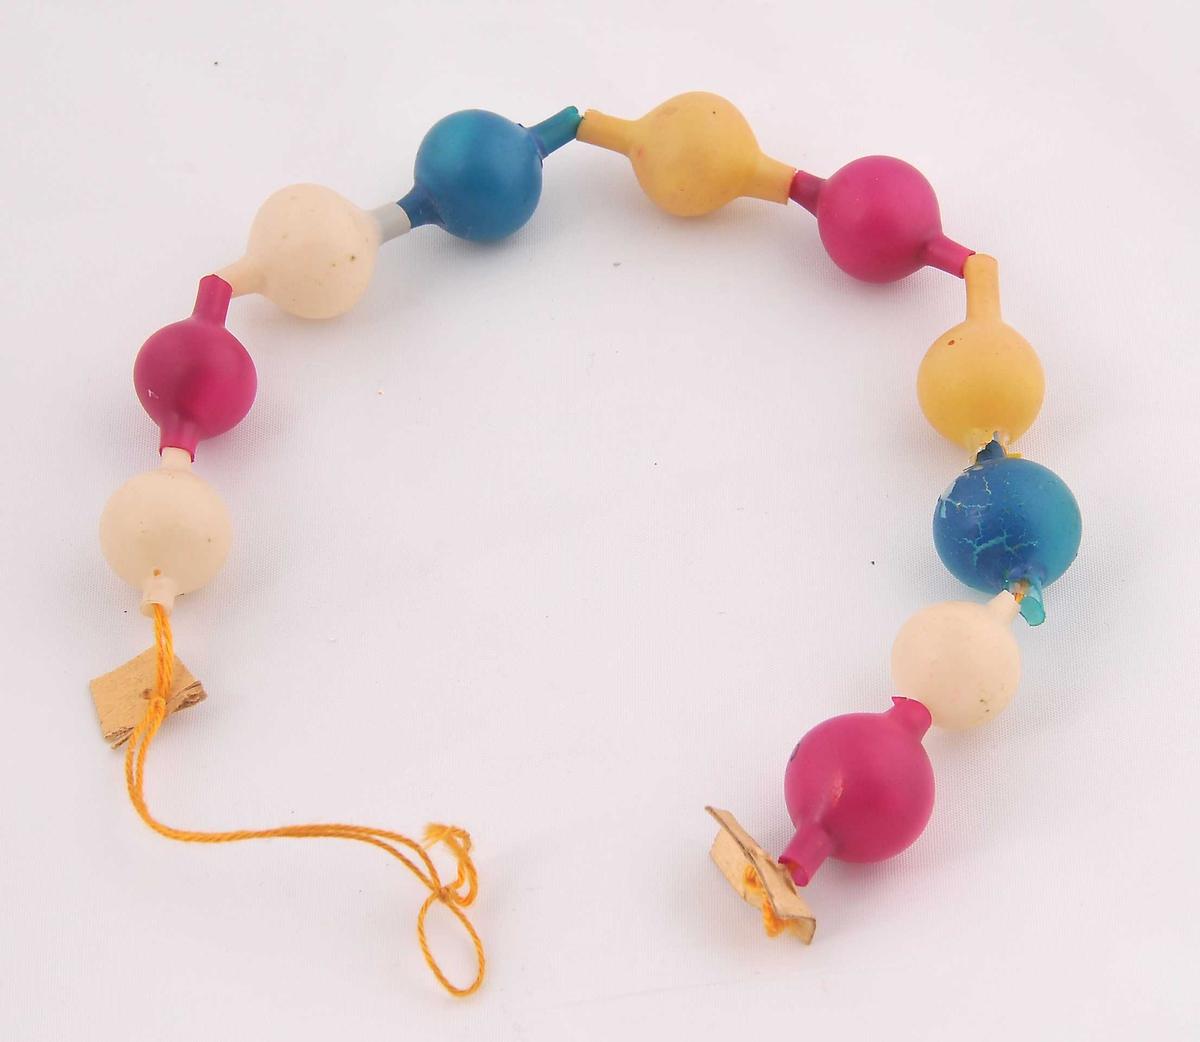 9 (inkl. ei skada) matte einsfarga kuler, tre ulike fargar, som er tredd inn på ein bomullstråd så det dannar eit kjede.